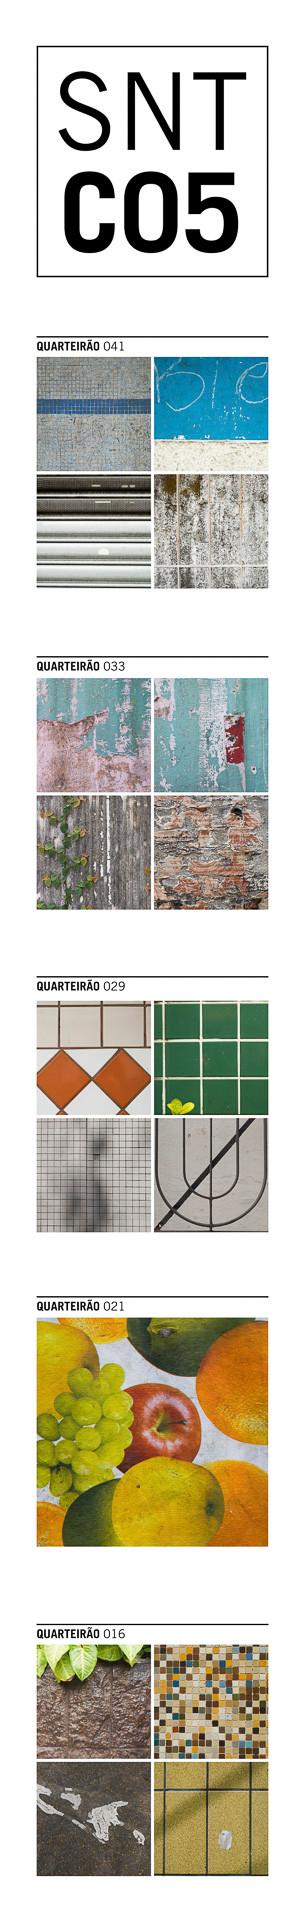 02-RPU Santos v13b-Processed2-Approved.jpg